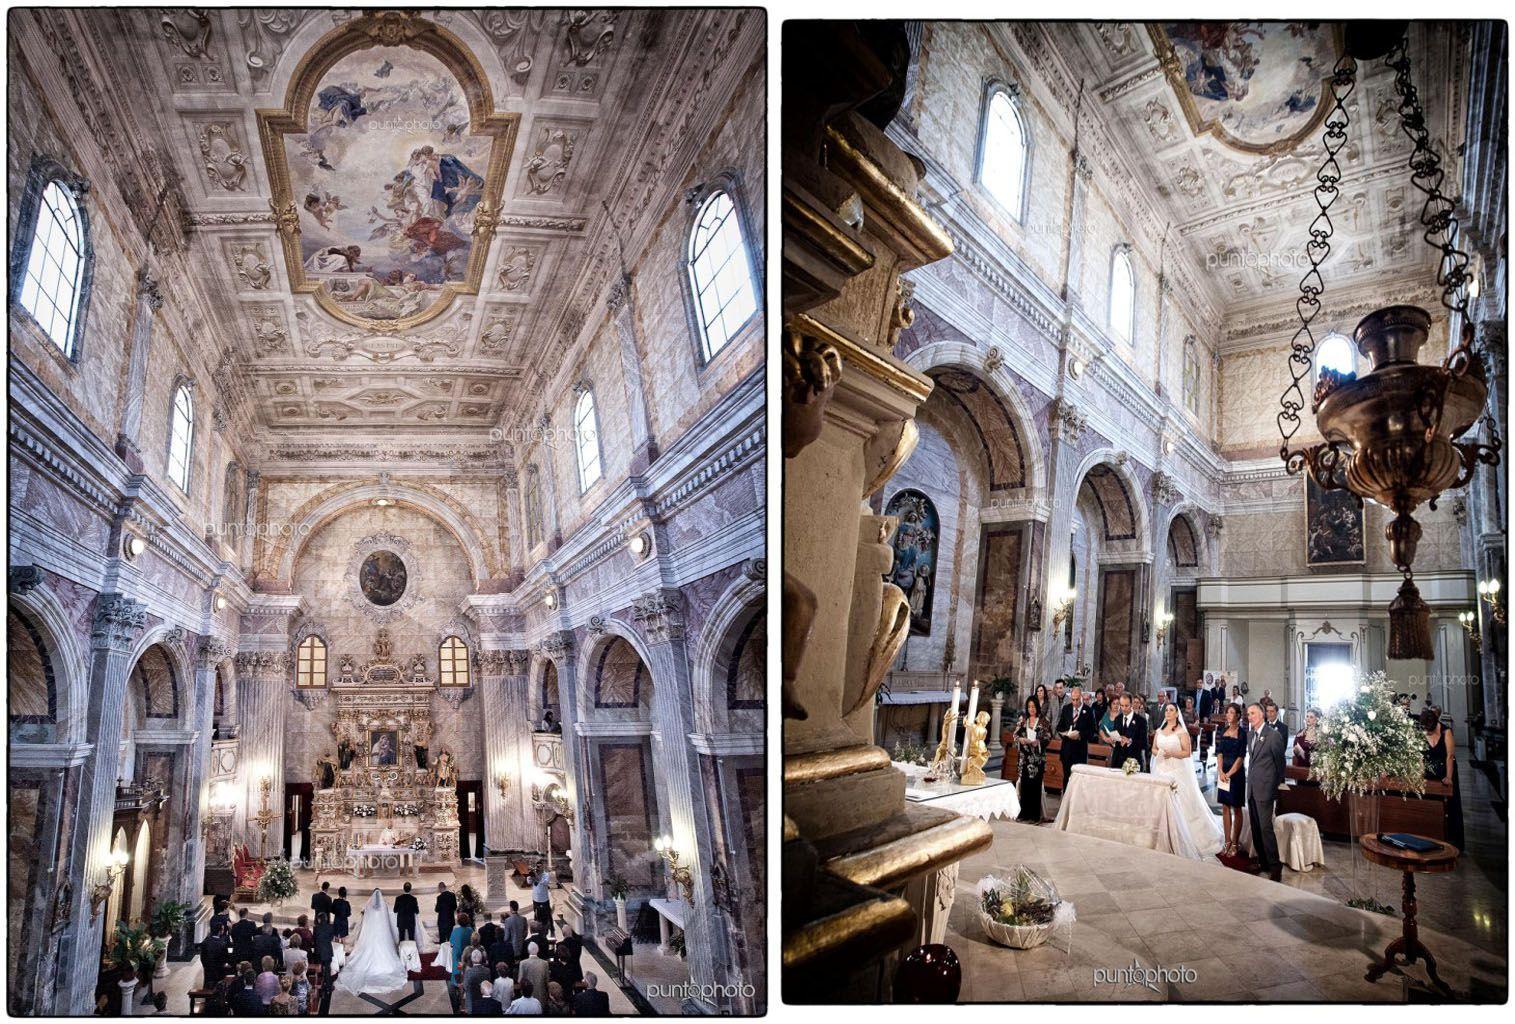 Interni Di Chiese Della Provincia Di Lecce Chiesa Matrimonio In Chiesa Matrimonio In Italia